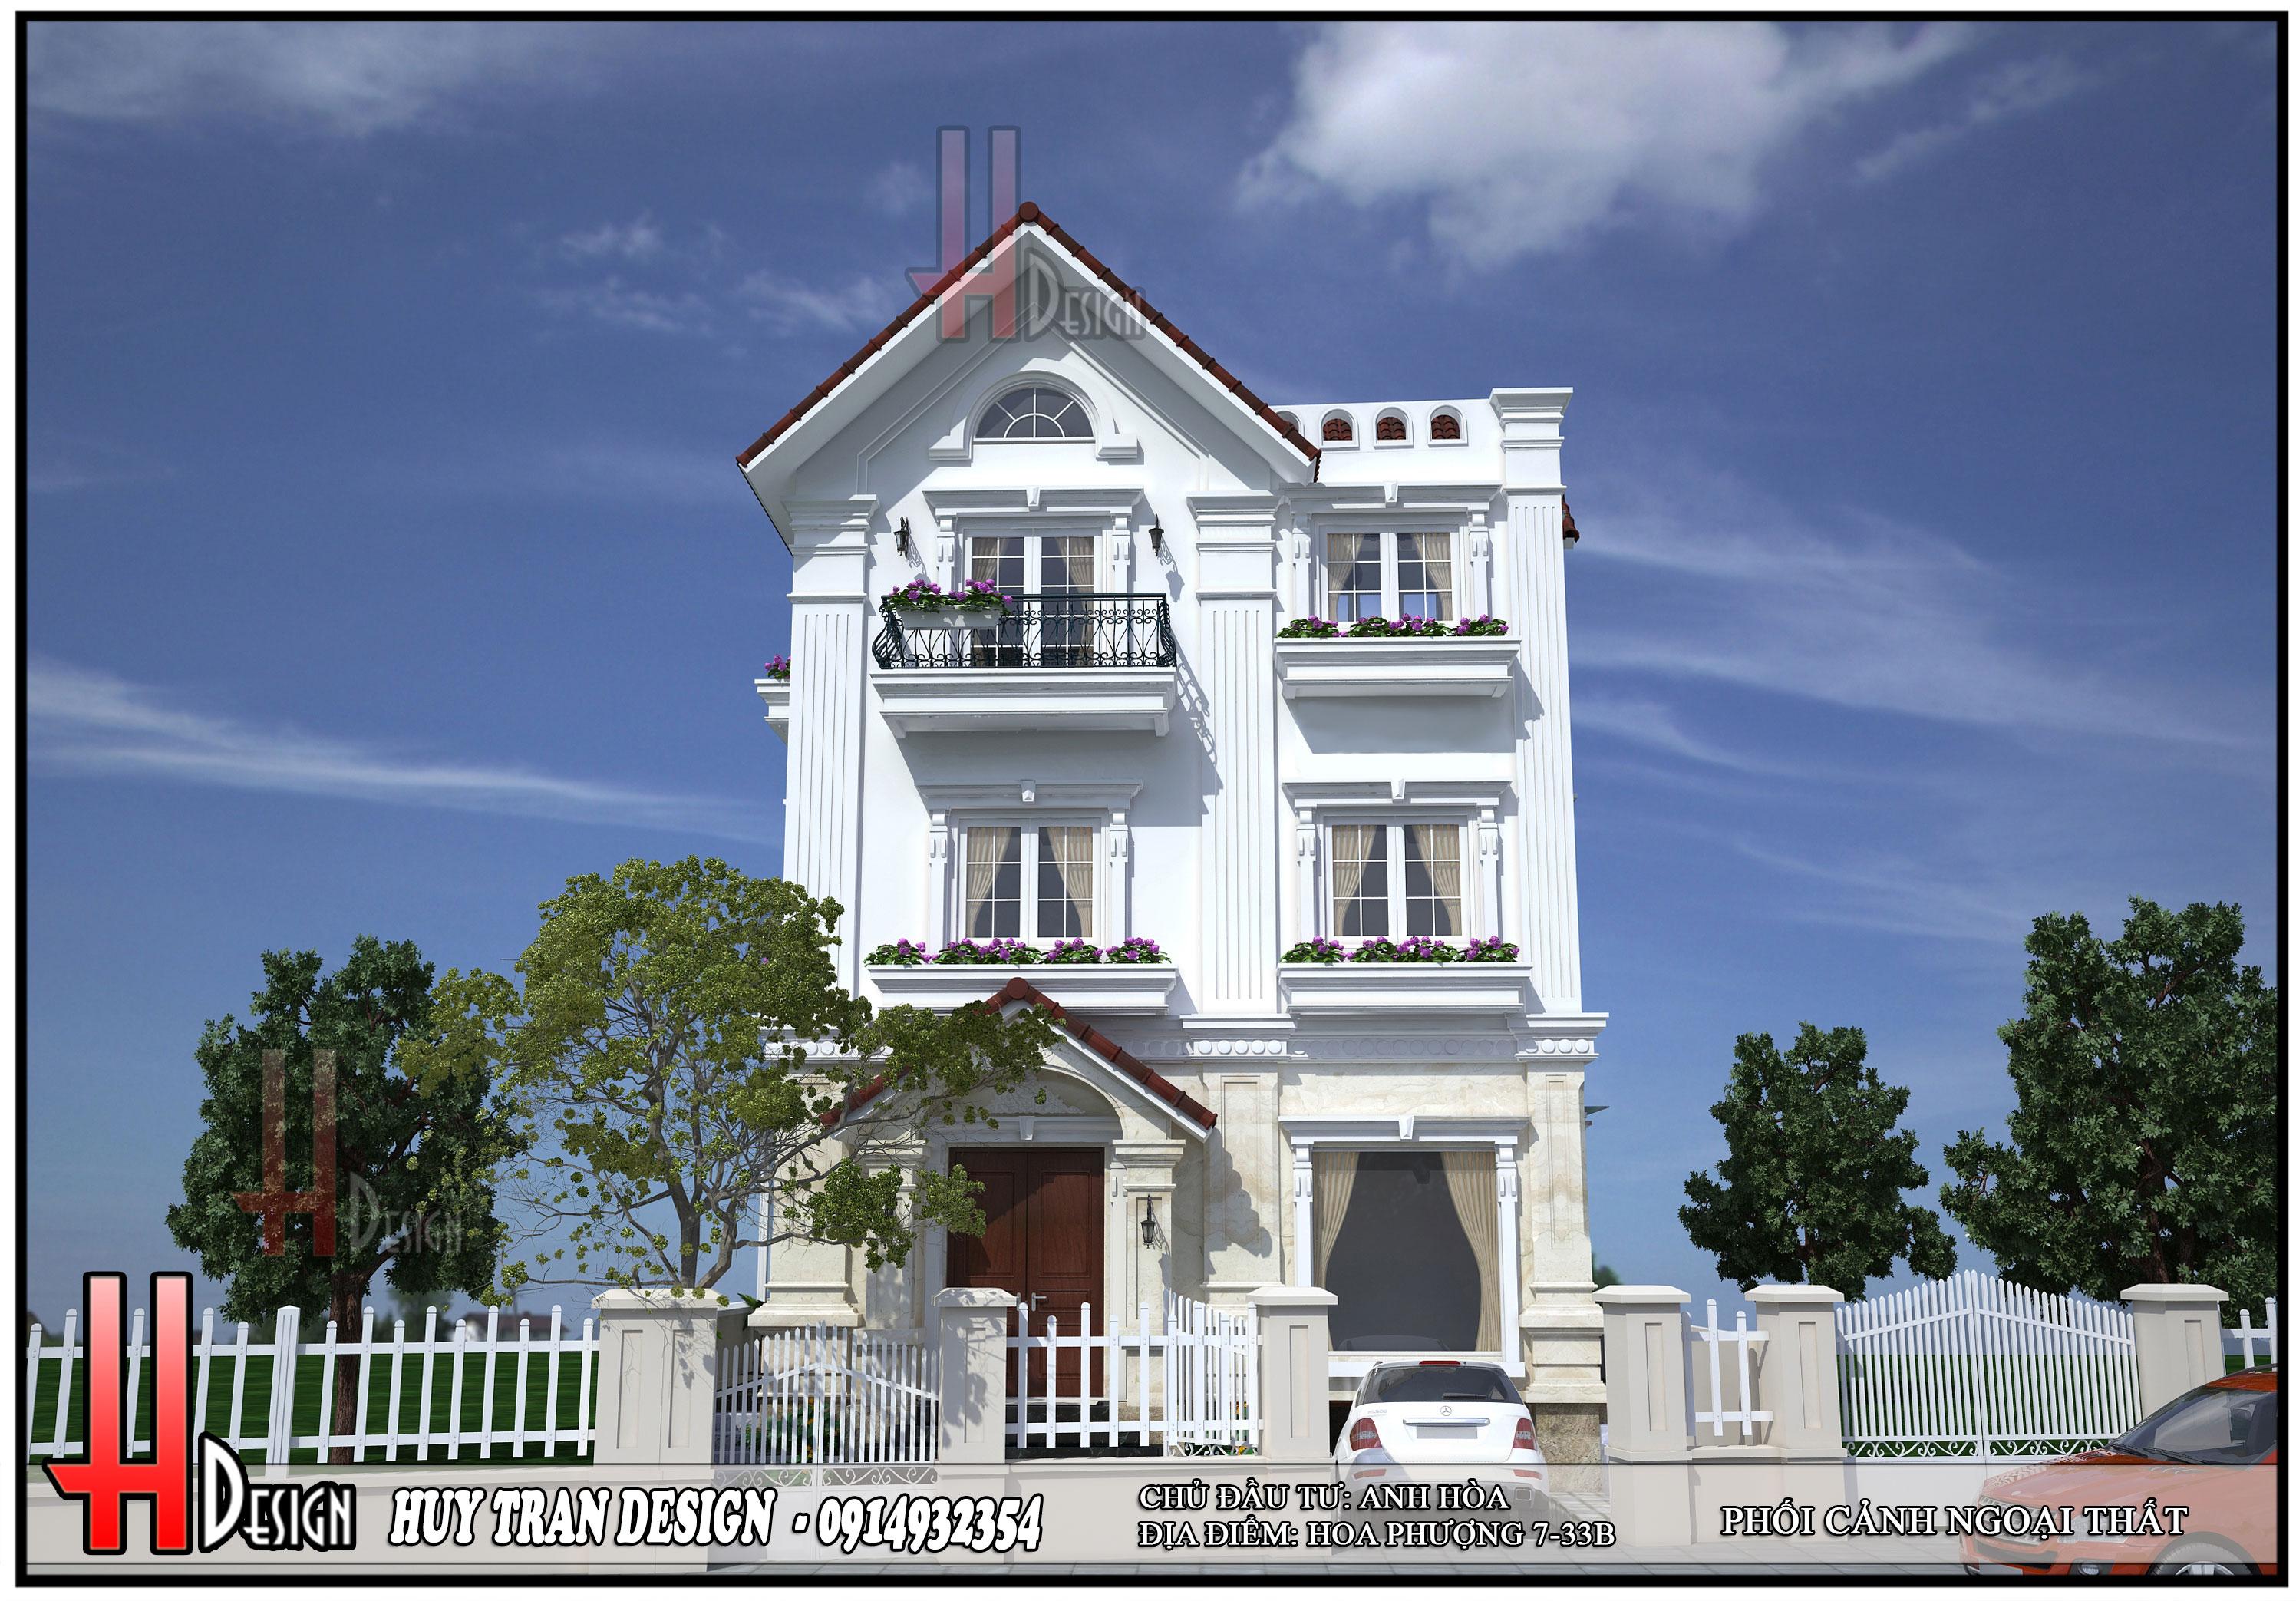 Cải tạo biệt thự Vinhomes - Cải tạo biệt thự Hoa Phượng 7-33- Biệt Thự Vinhomes Riverside Long Biên